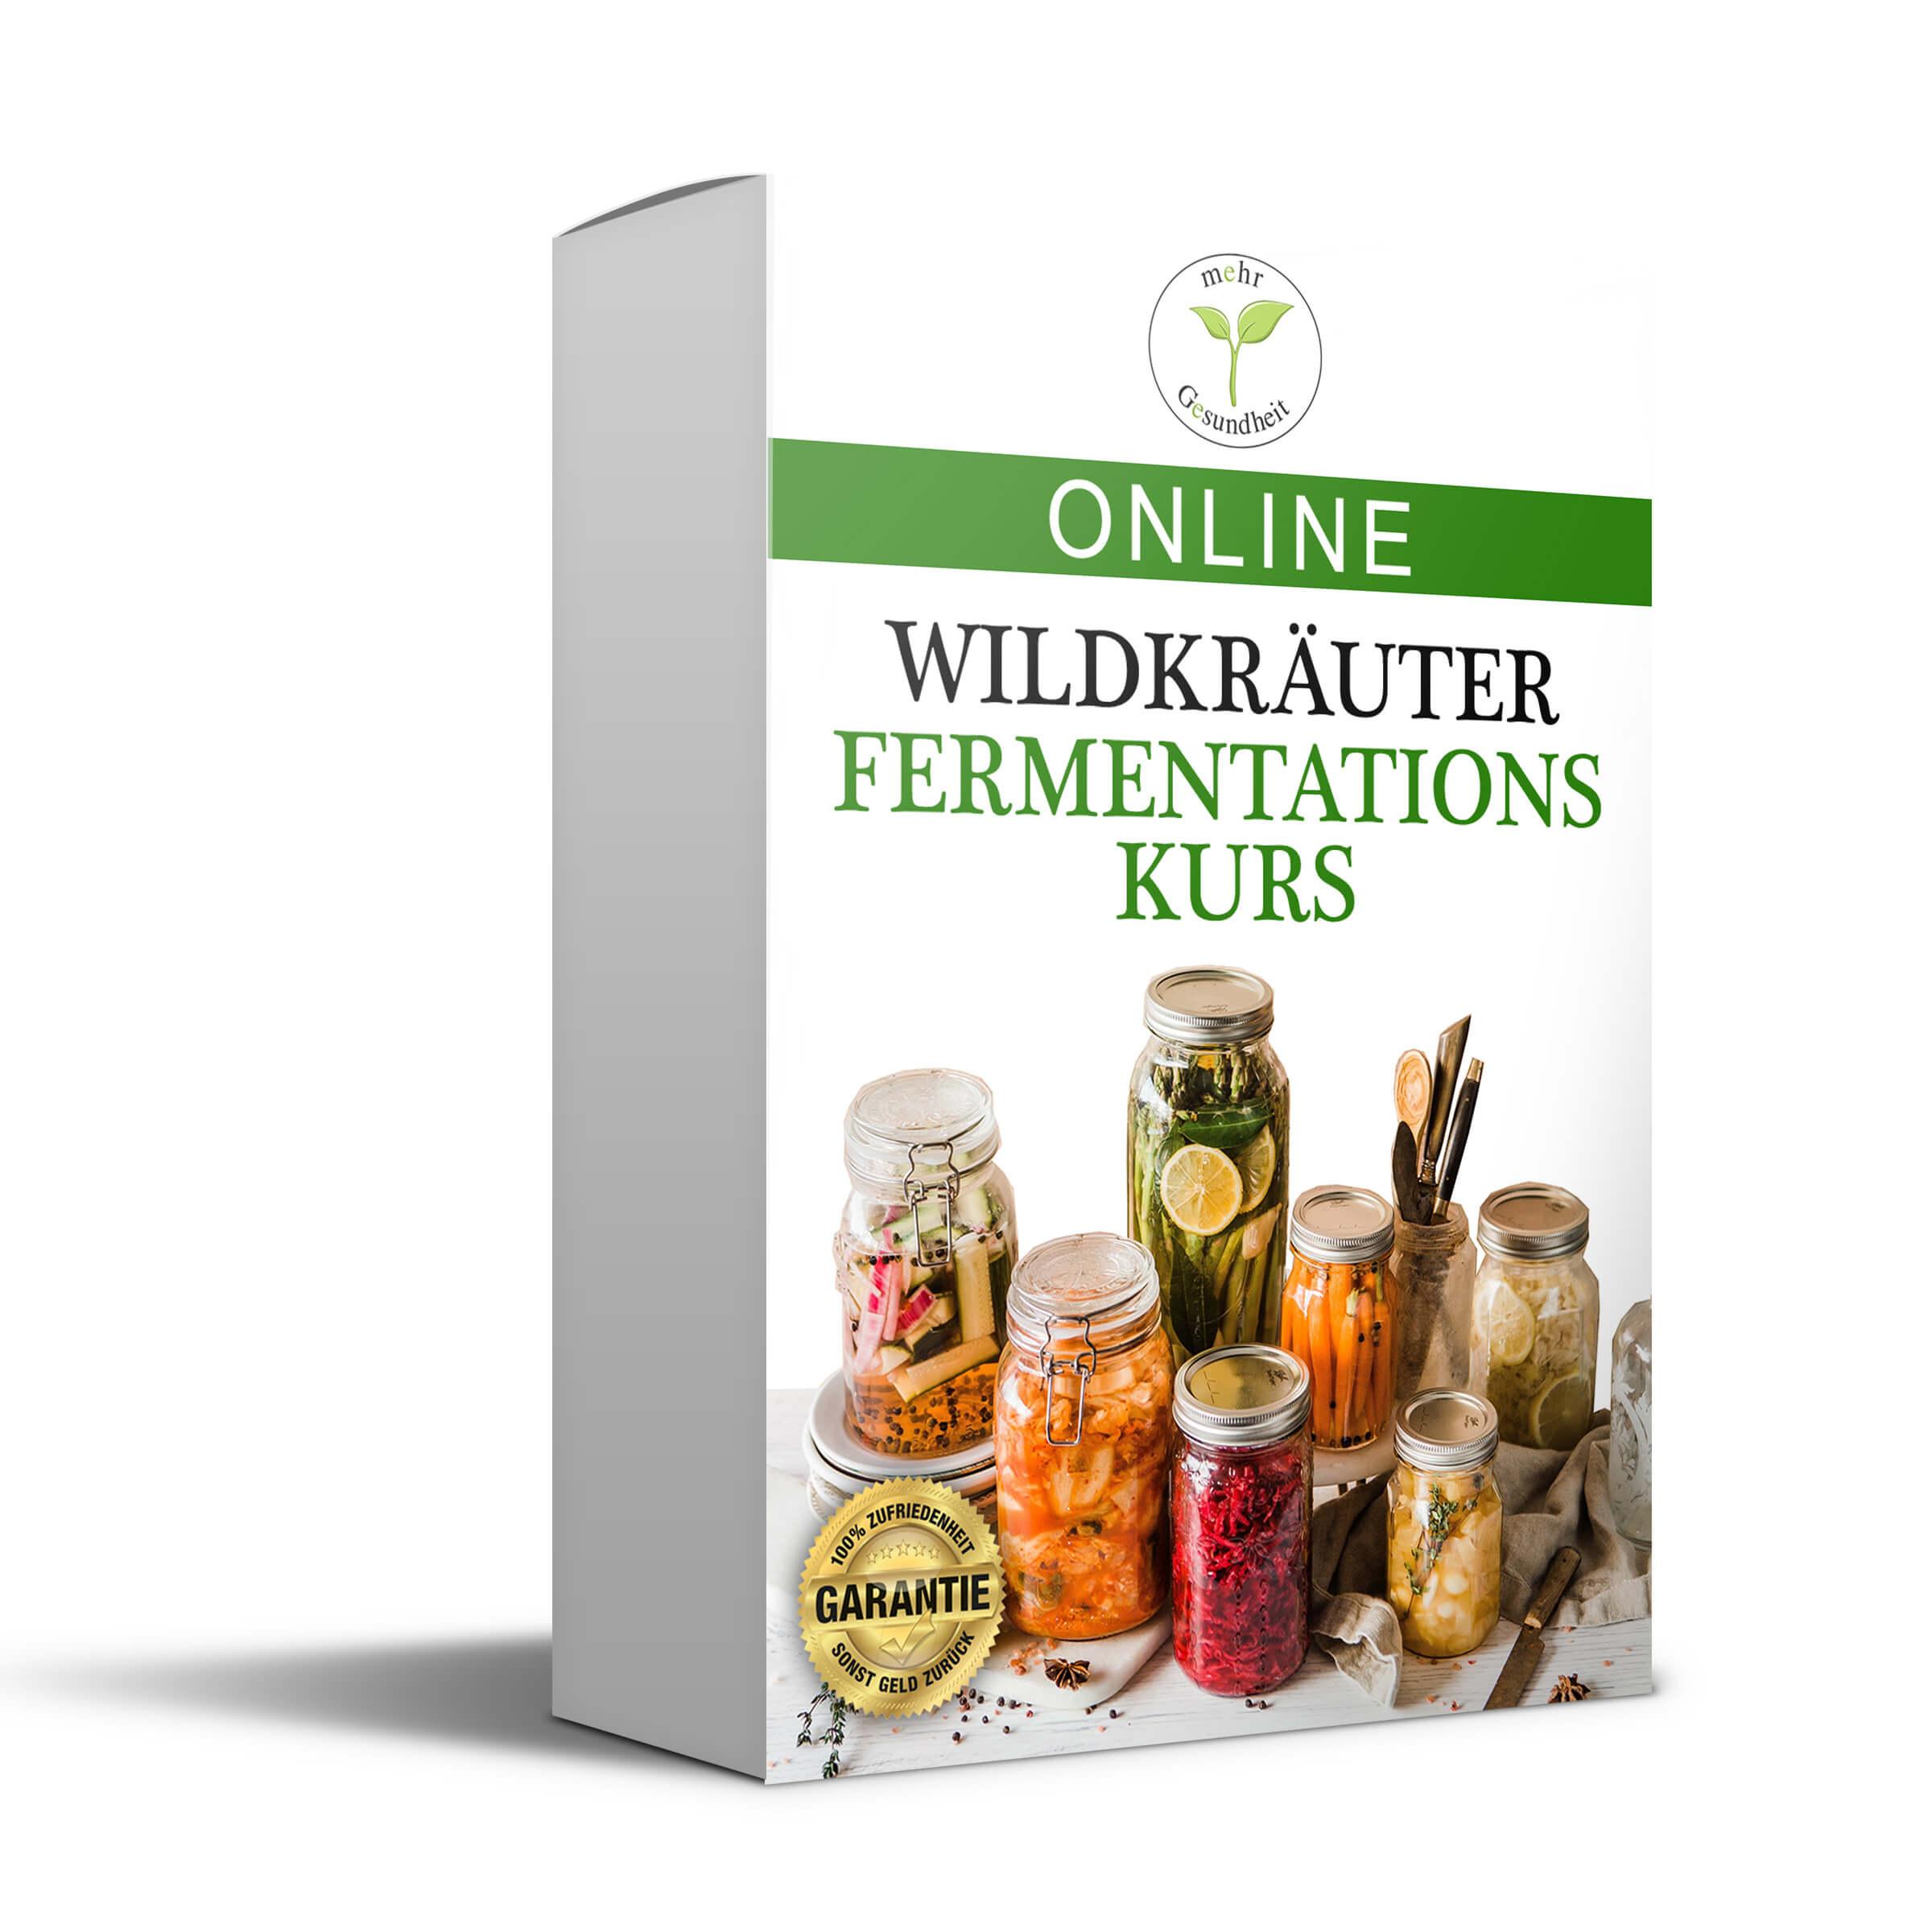 Lerne online wie Du mit Wildkräutern fermentierst